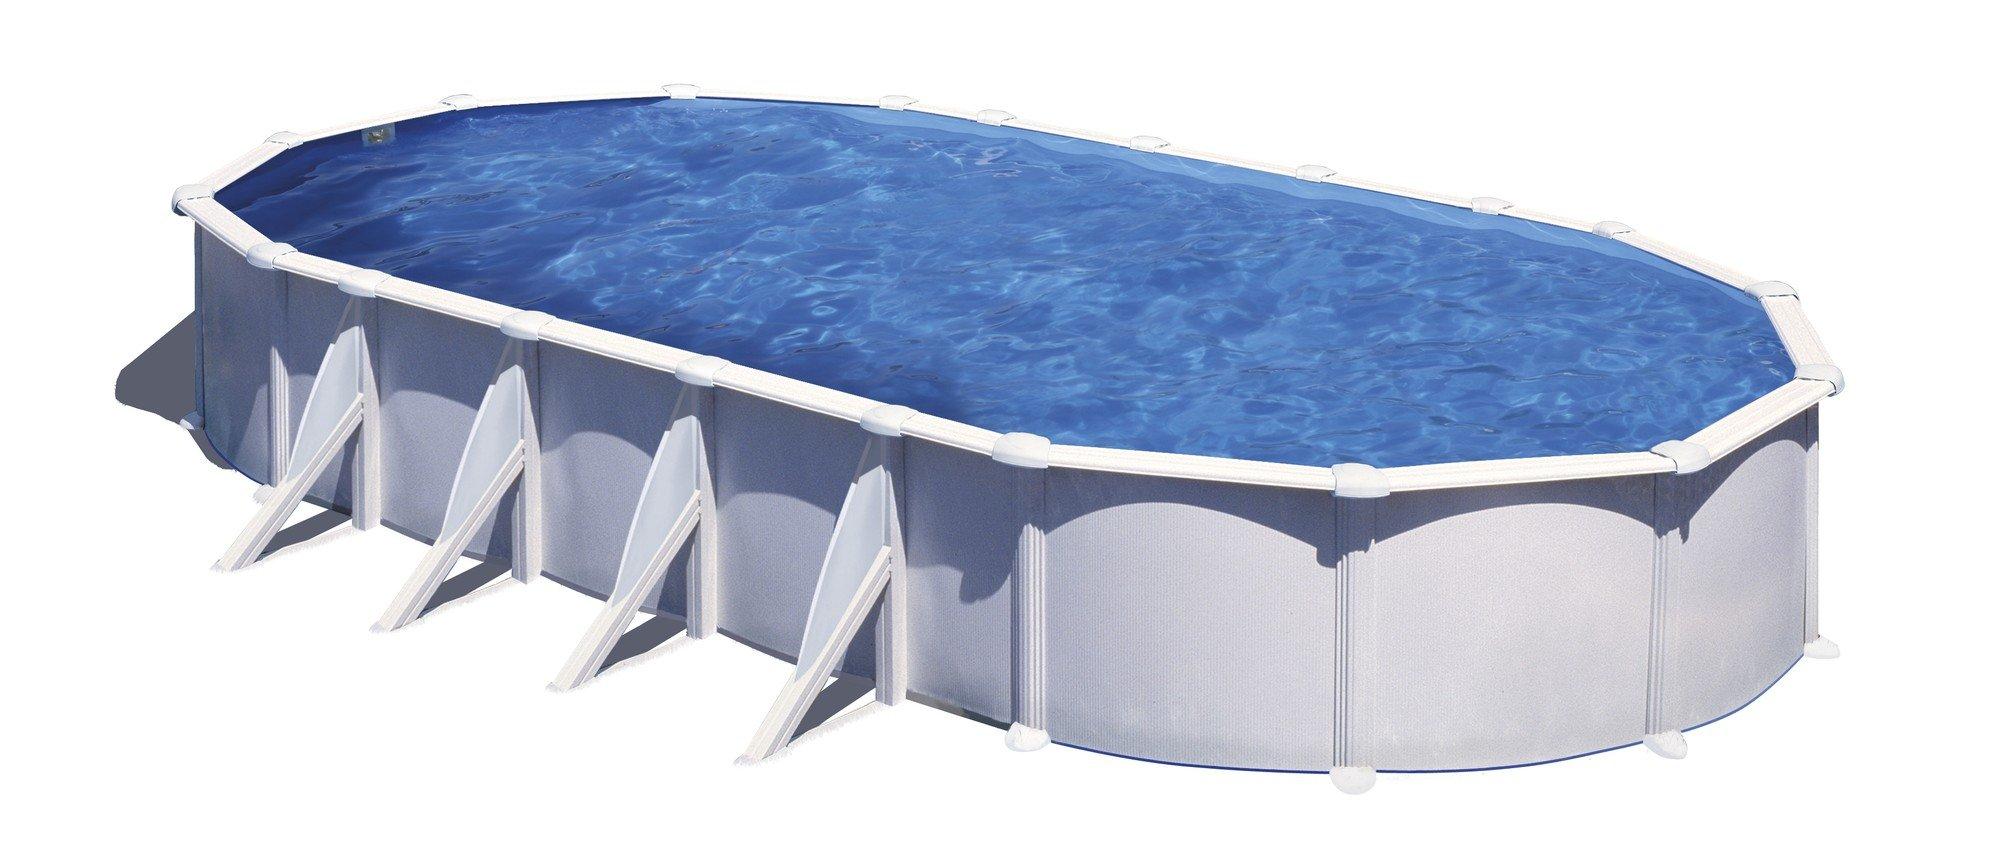 Afbeelding van Gré Atlantis stalen zwembad - 730 x 375 x 132 cm